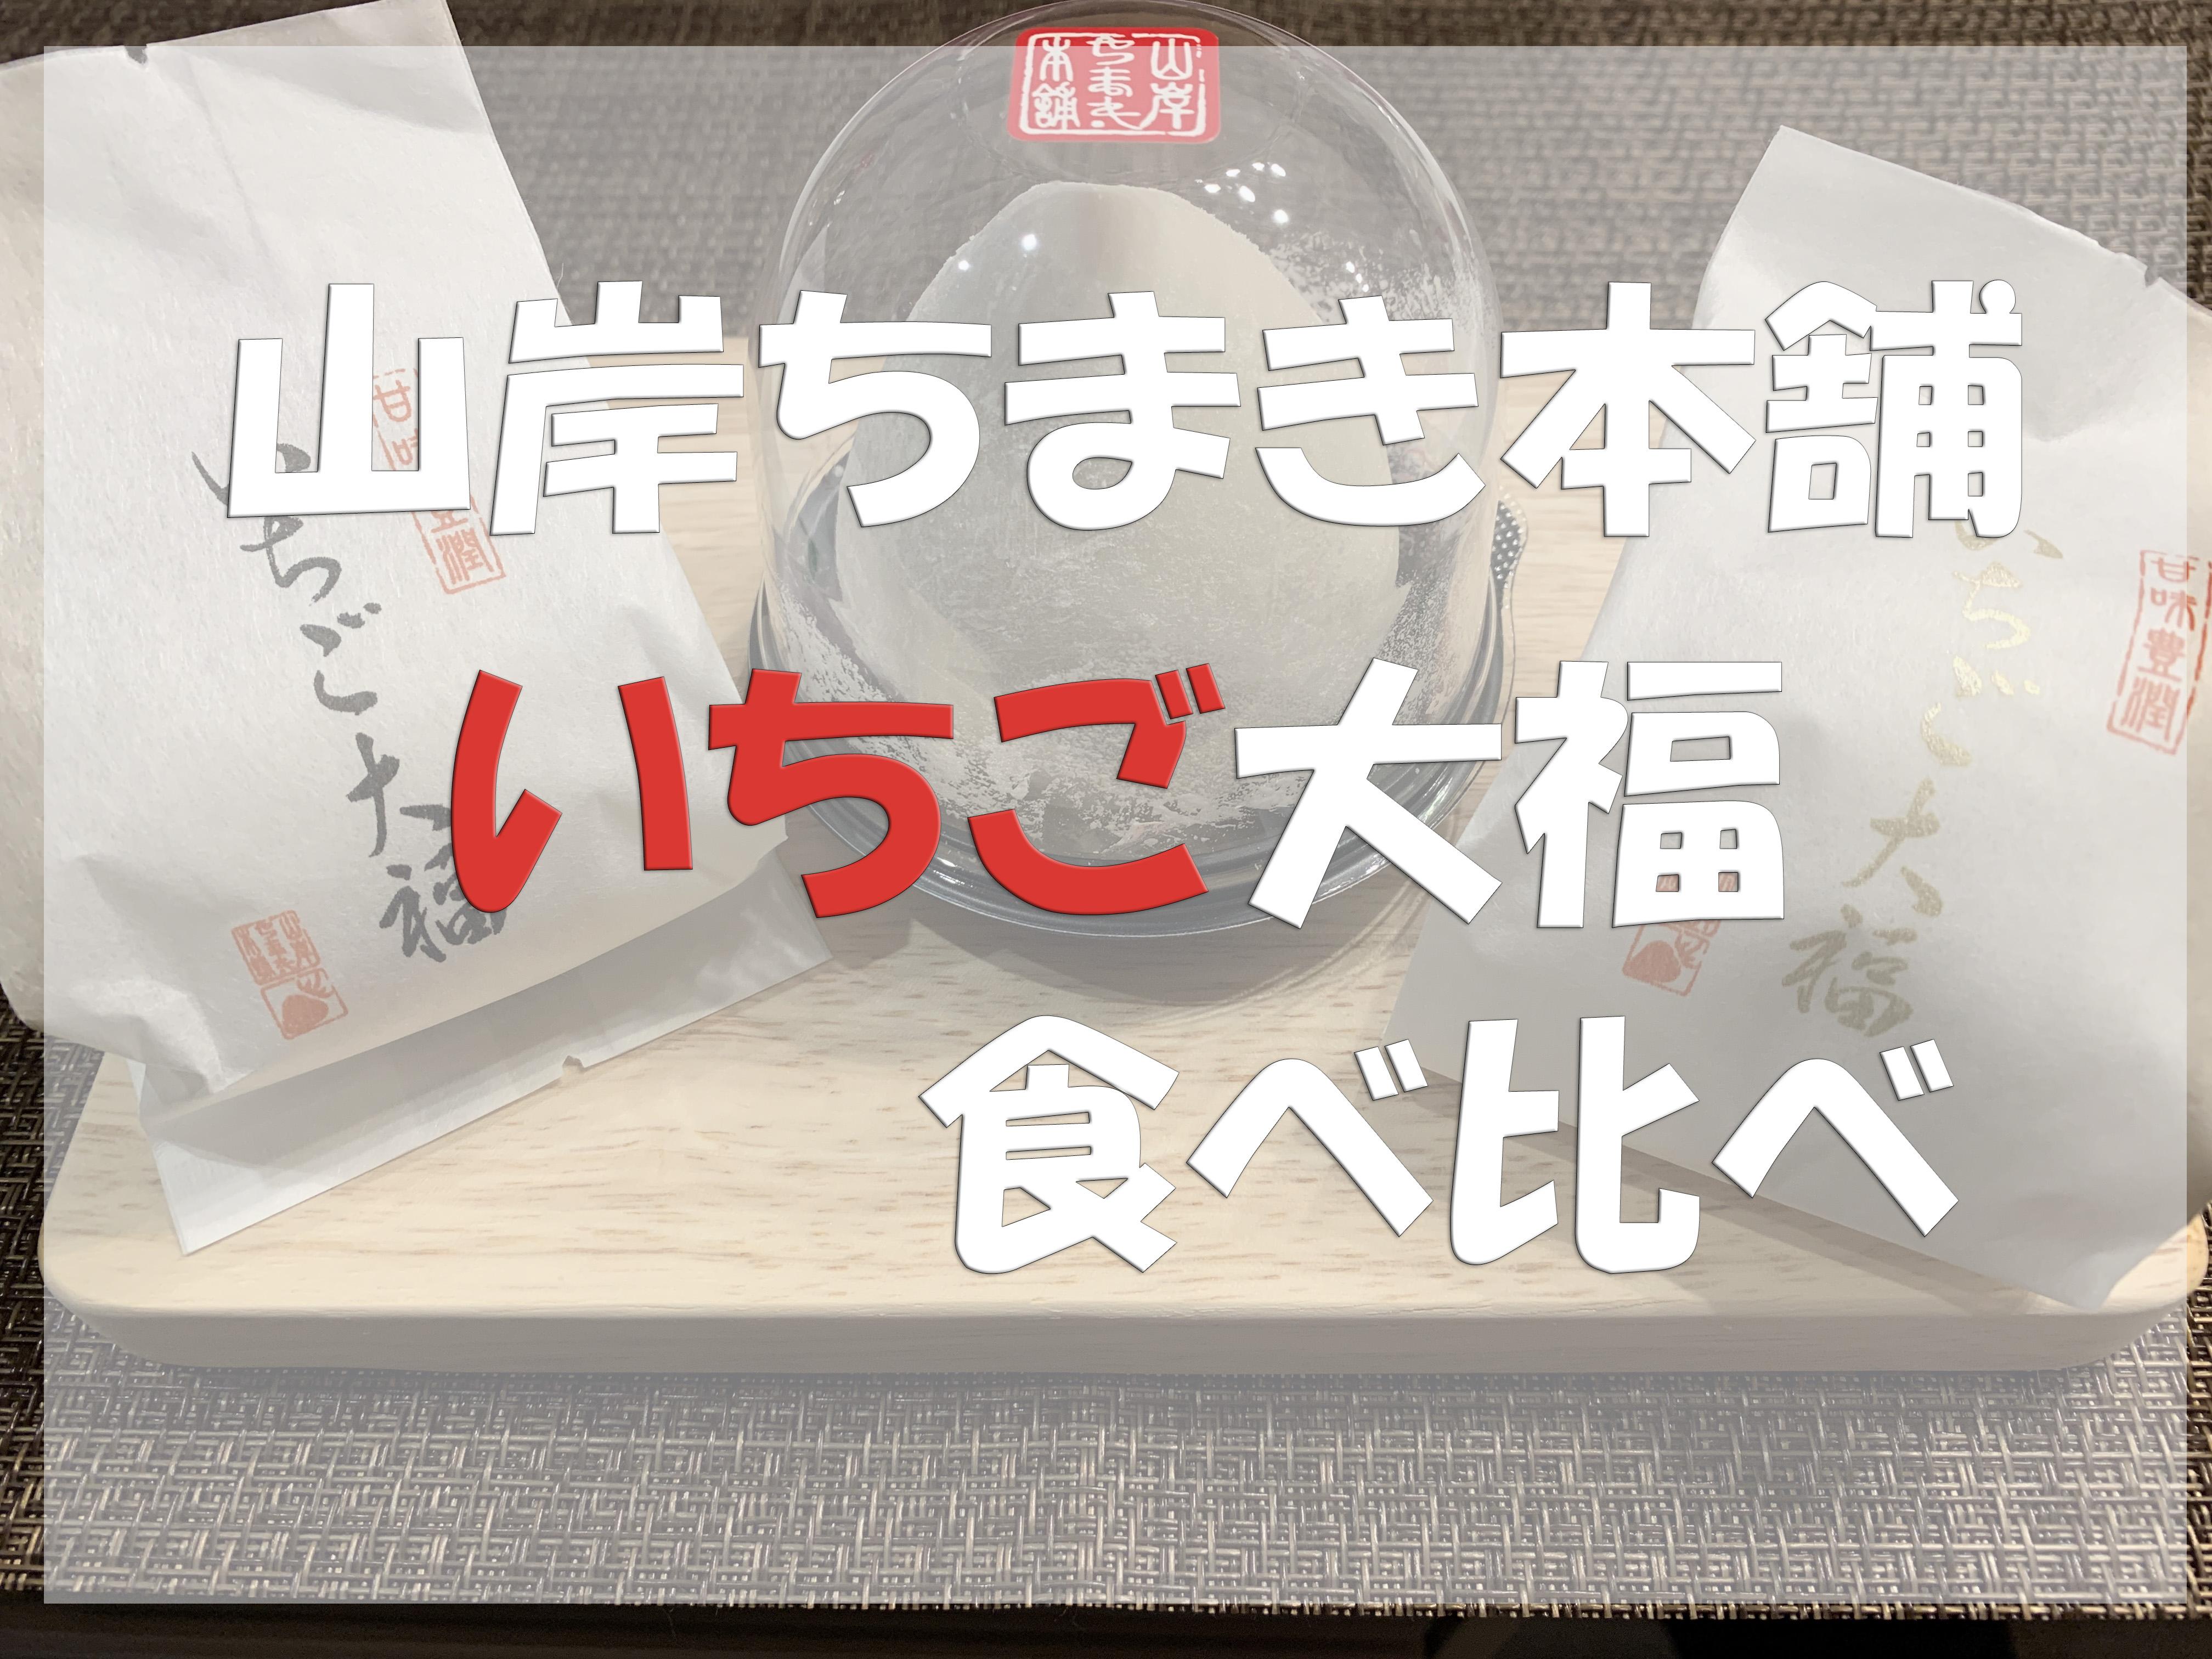 山岸ちまき本舗のいちご大福3種食べ比べ:富山県氷見市にある和菓子屋さん